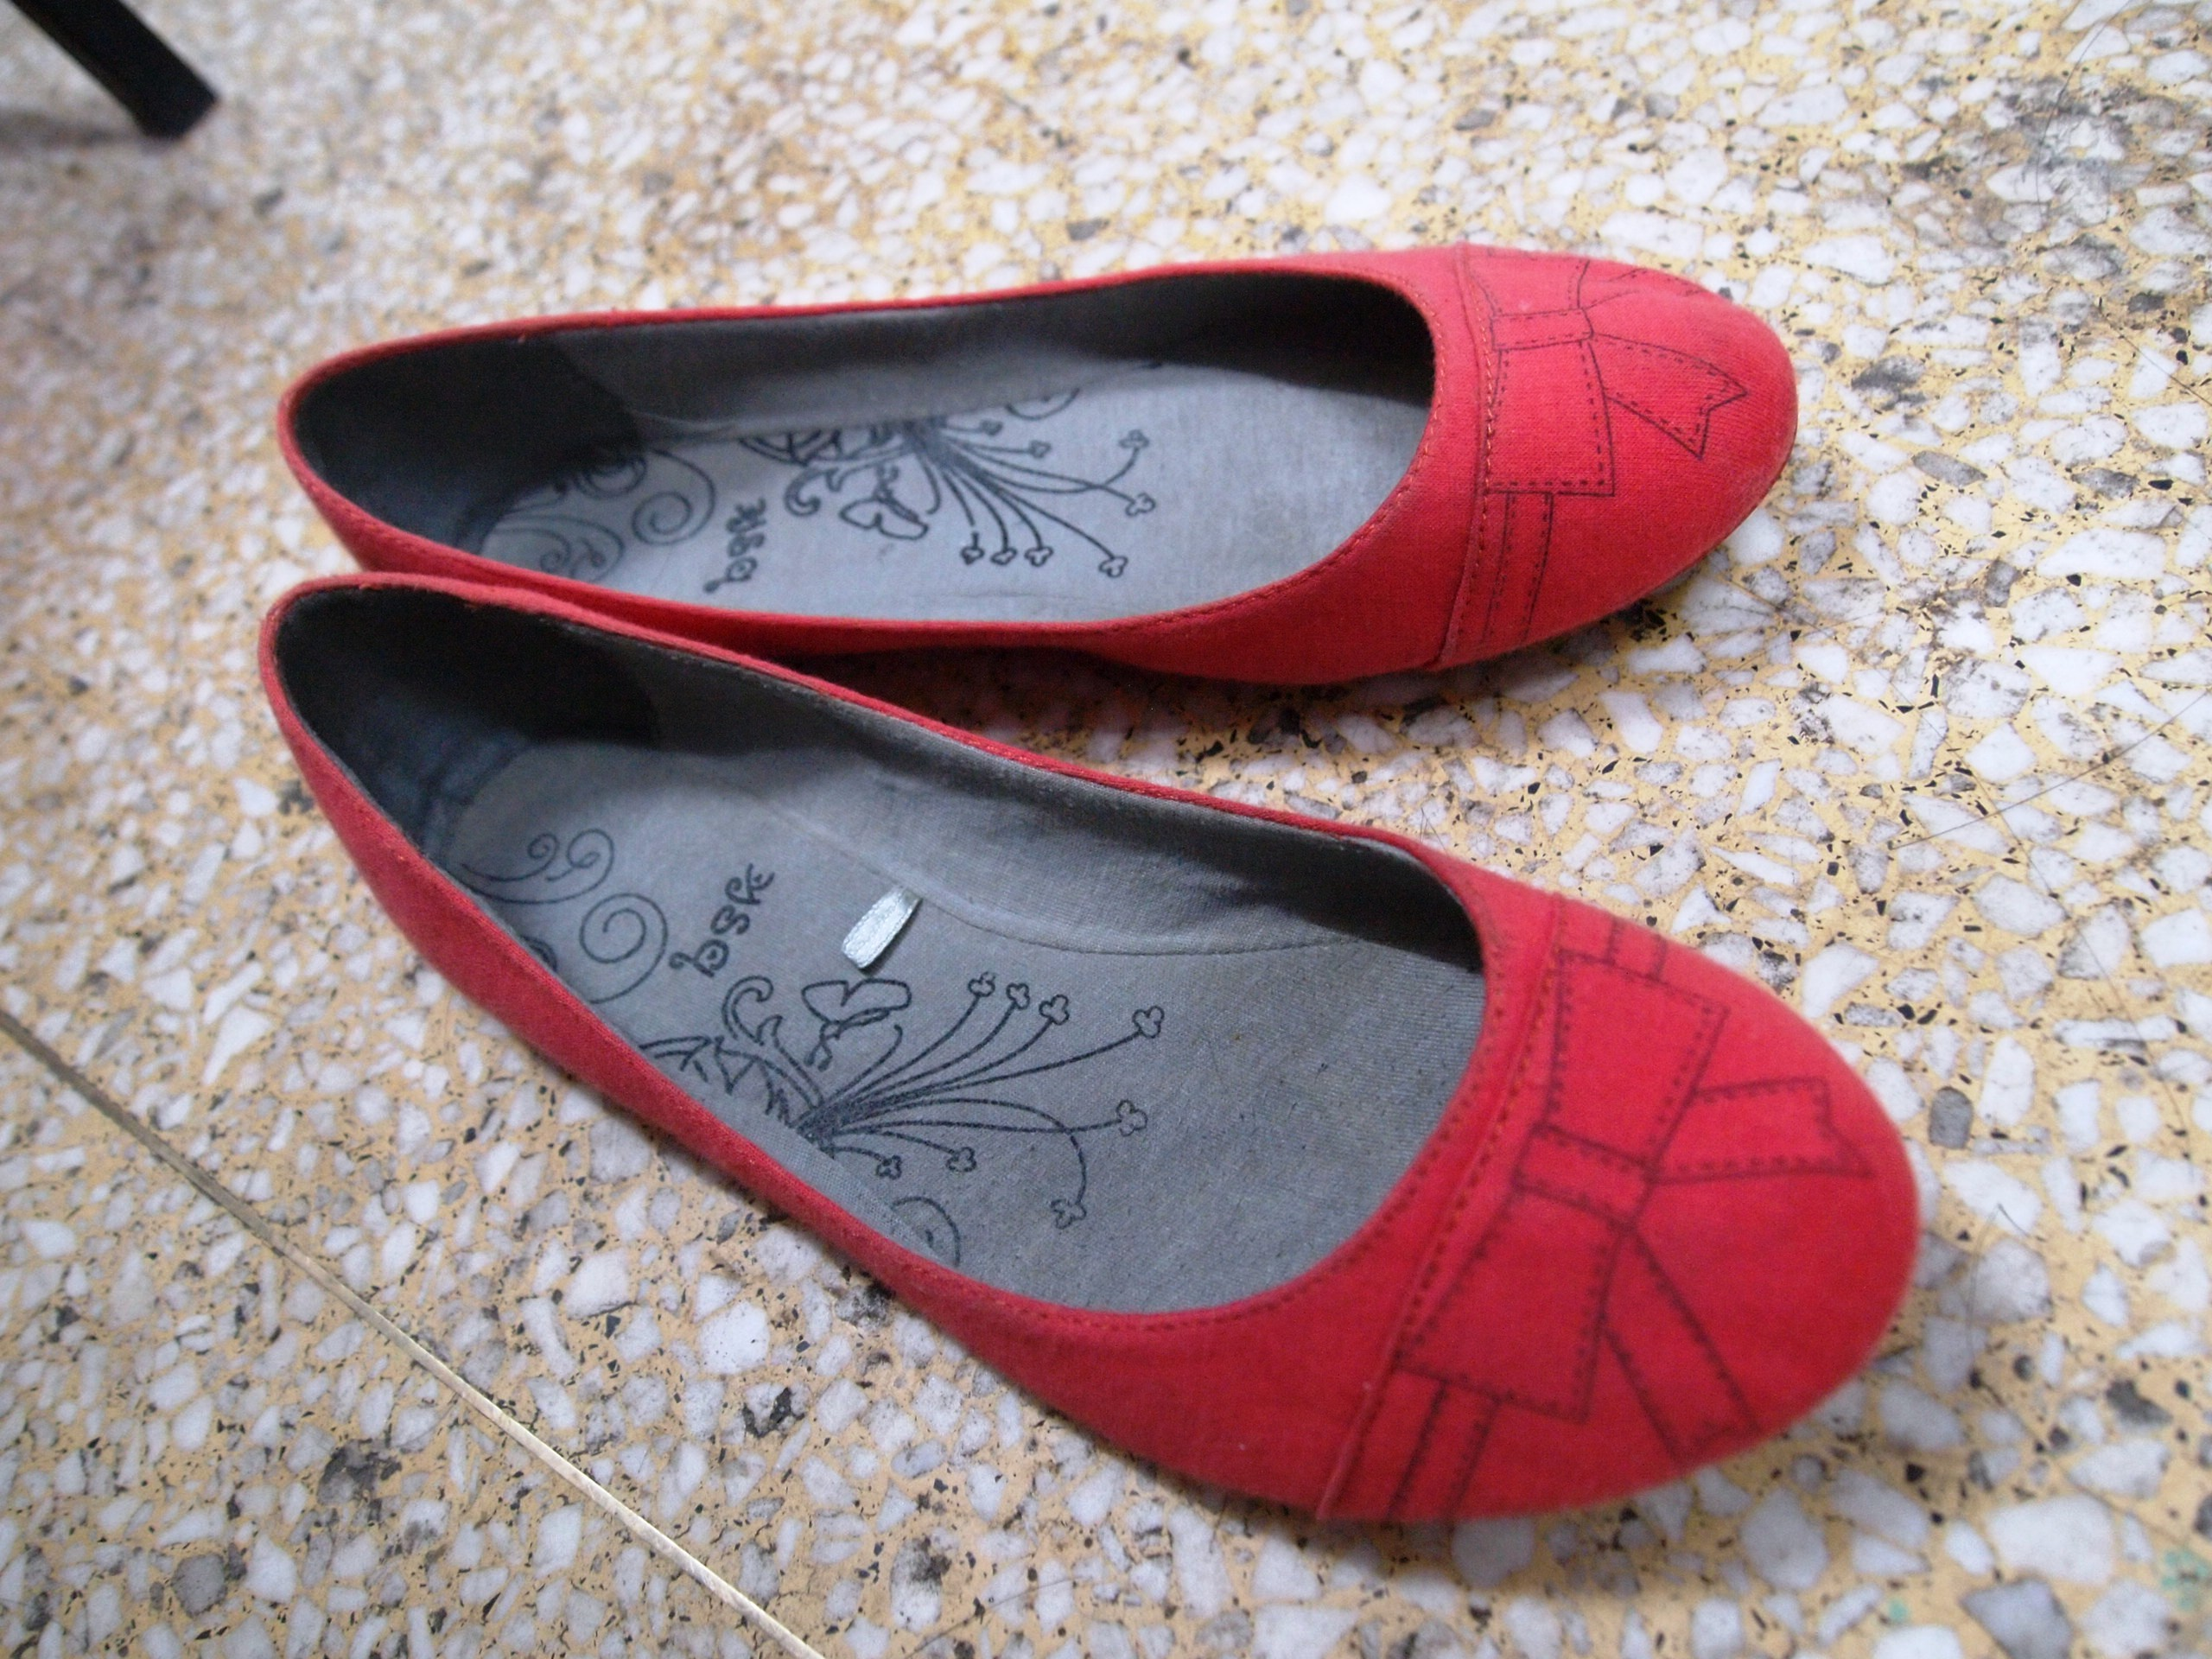 红色的帆布上素描的蝴蝶结和鞋底的花纹,鞋子很软很,.